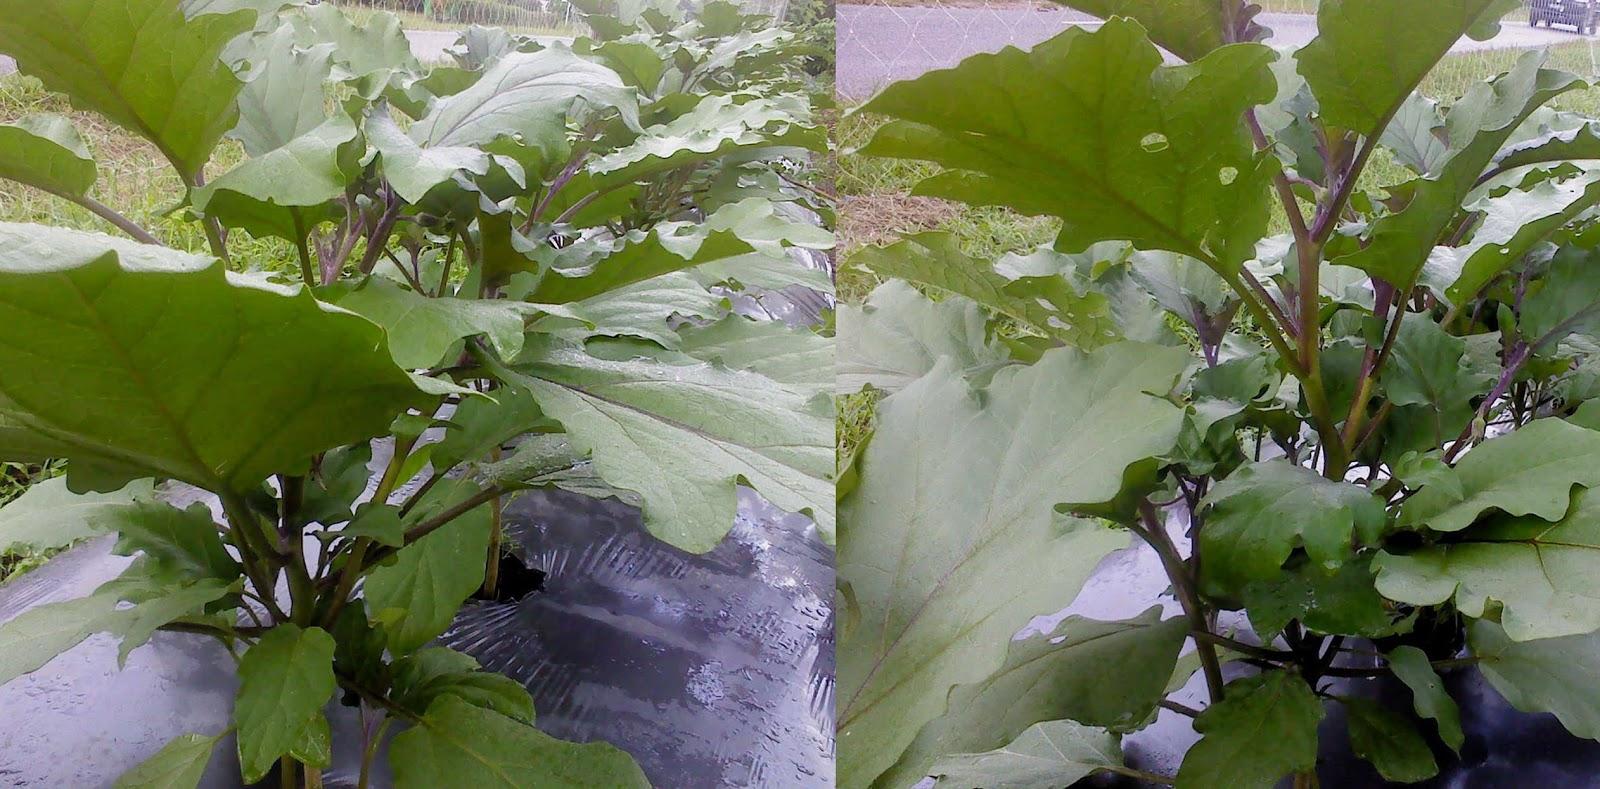 Yang biasanya disana rentan layu, setelah semprot Bio Optifarm tanaman terong jadi sehat dan bebas layu